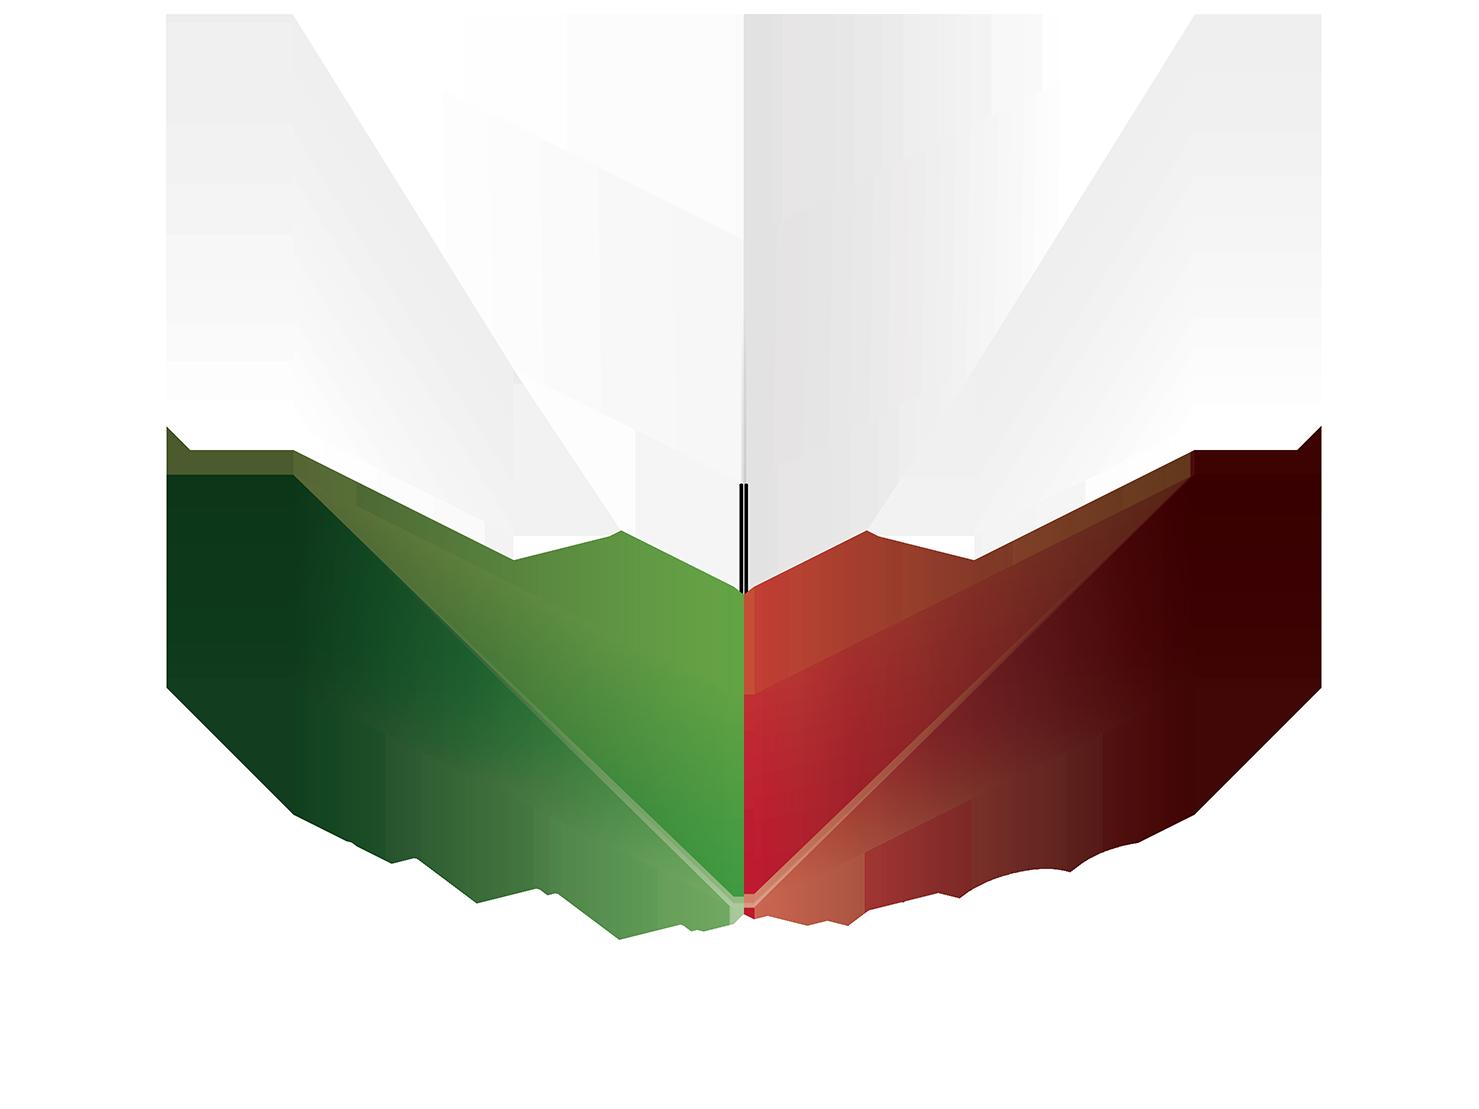 STEAMEXICO-MX-BLANCO-1479-X-1109-STEAM-MEXICO-LOGO-COMUNIDAD-STEAM-MEXICO-LAGLVL.COM-WWW.STEAMMEXICO.MX-STEAM-MEXICO-DISCORD-STEAM-KEYS-RANDOM-KEY-GRATIS